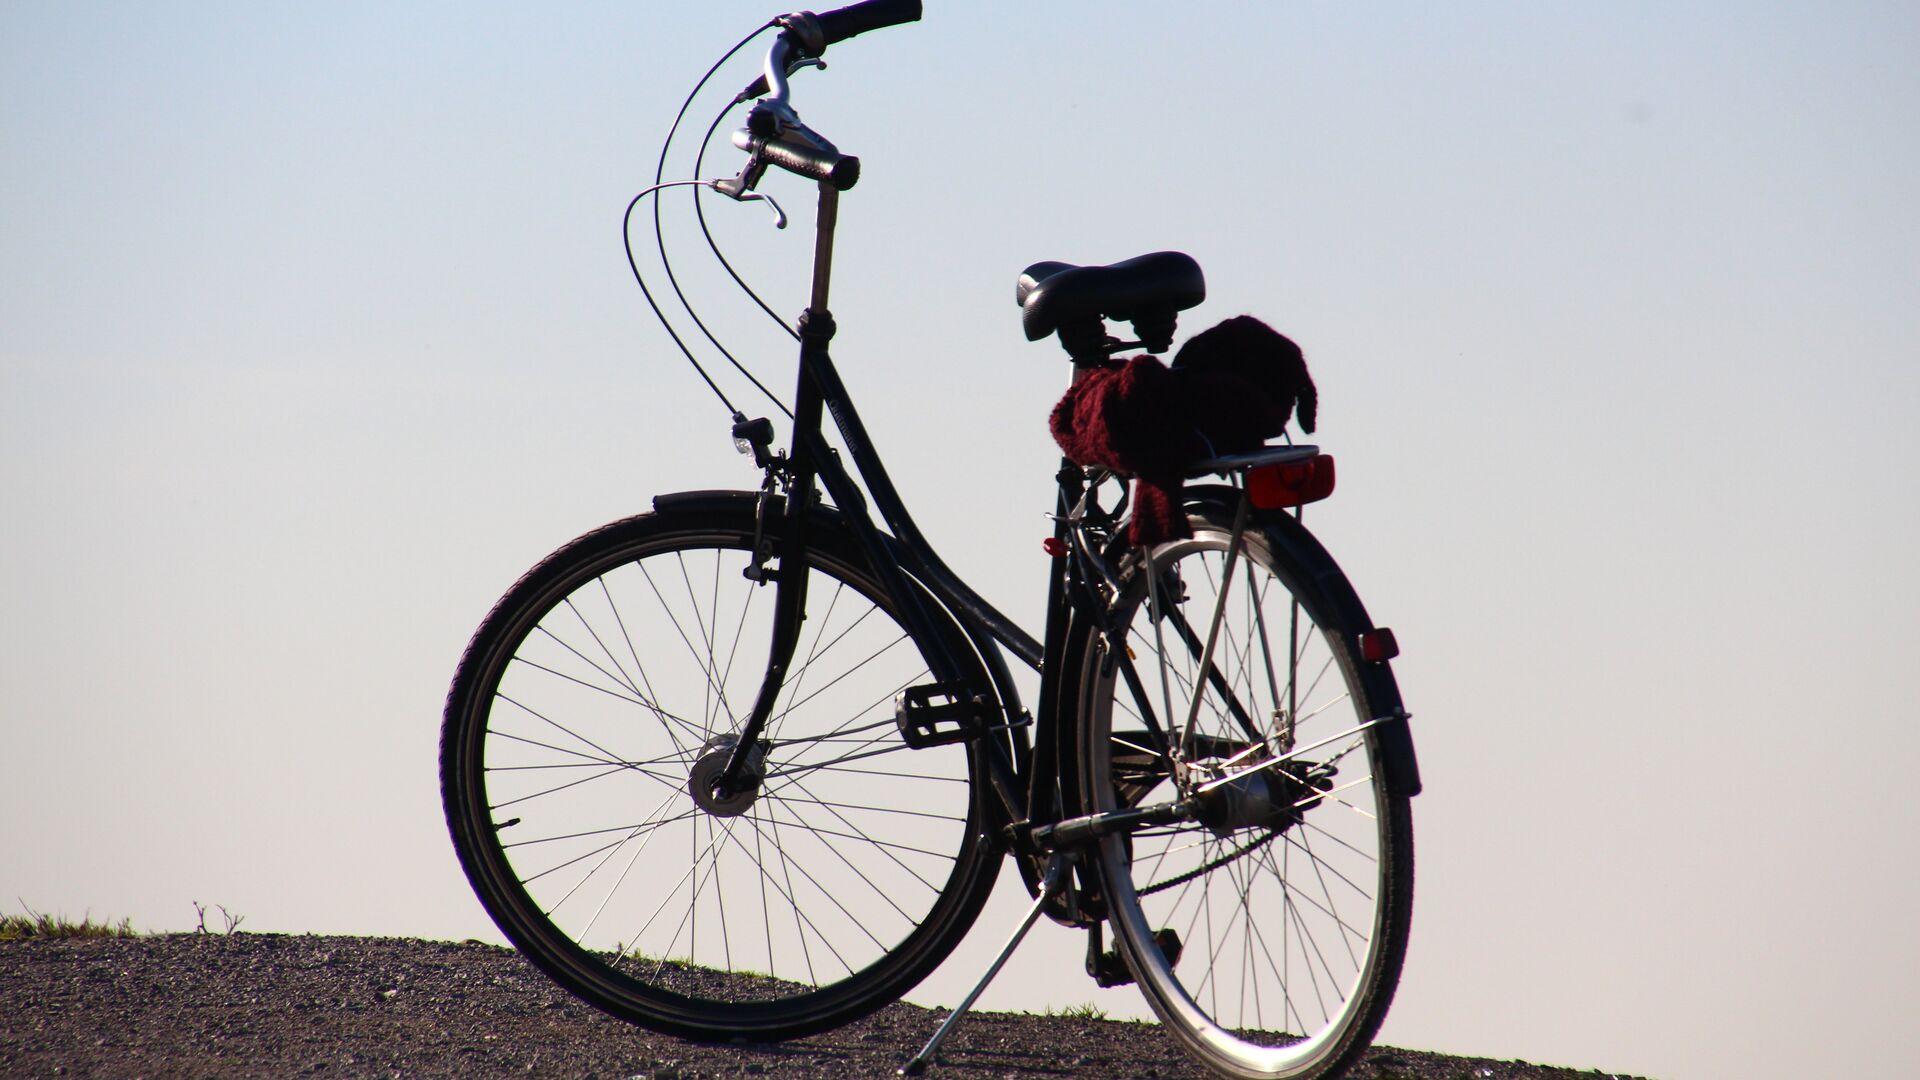 Una bicicleta - Sputnik Mundo, 1920, 09.06.2021